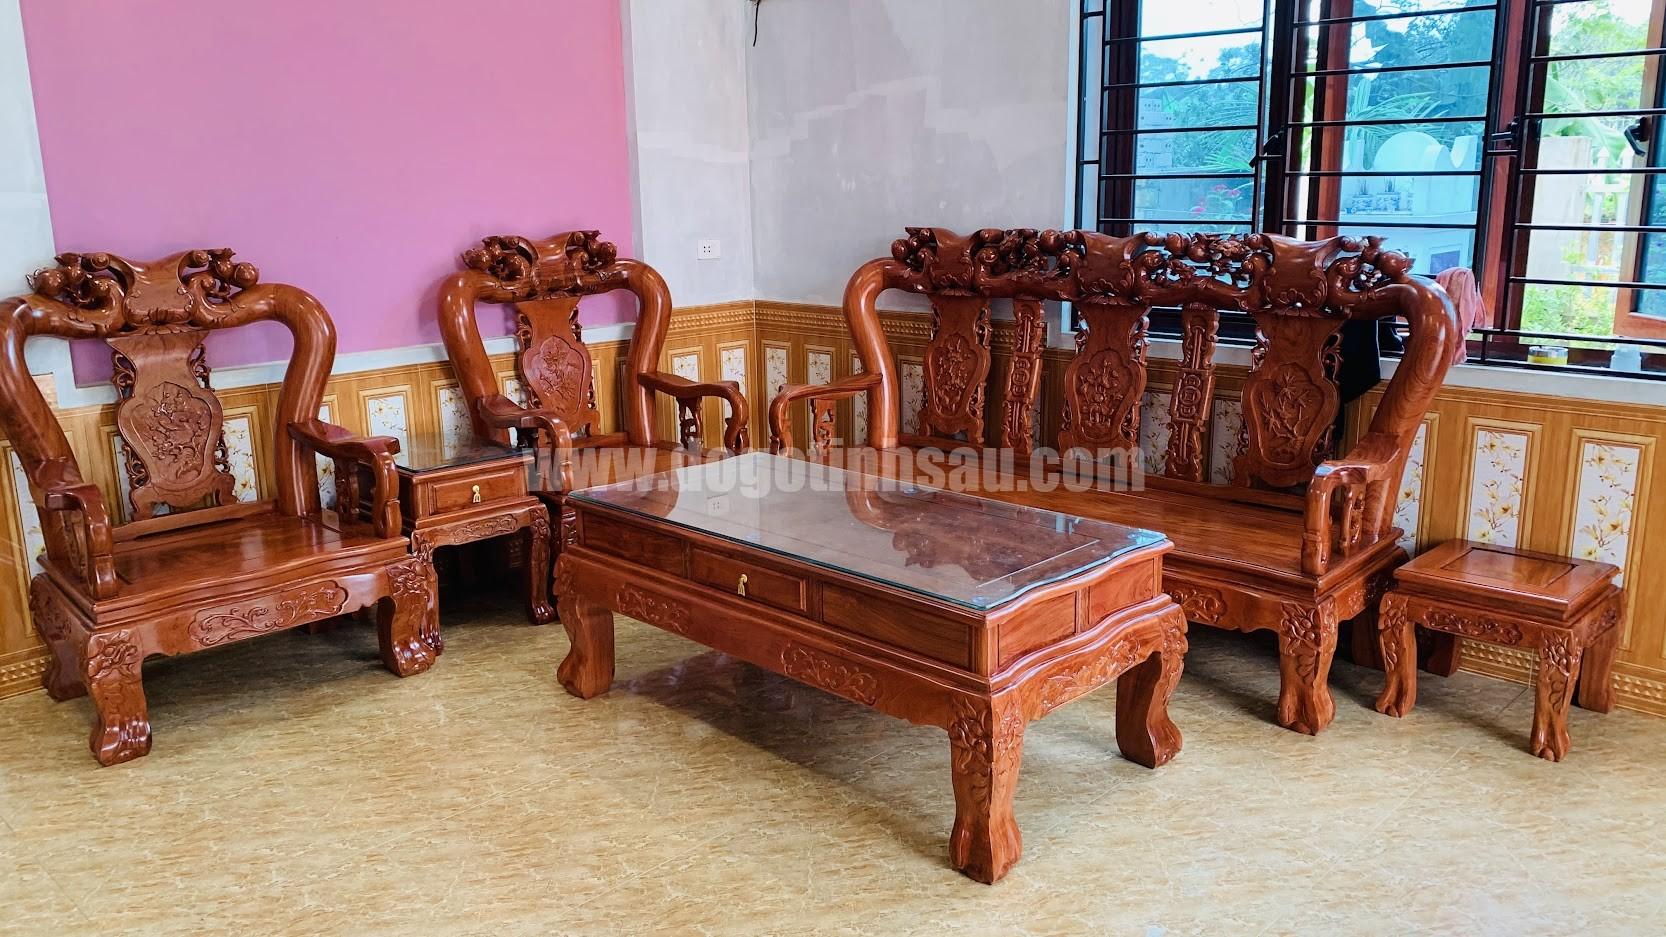 bo ban ghe cot 12 go huong da - Bộ ghế tay 12 gỗ hương đá Minh Quốc đào